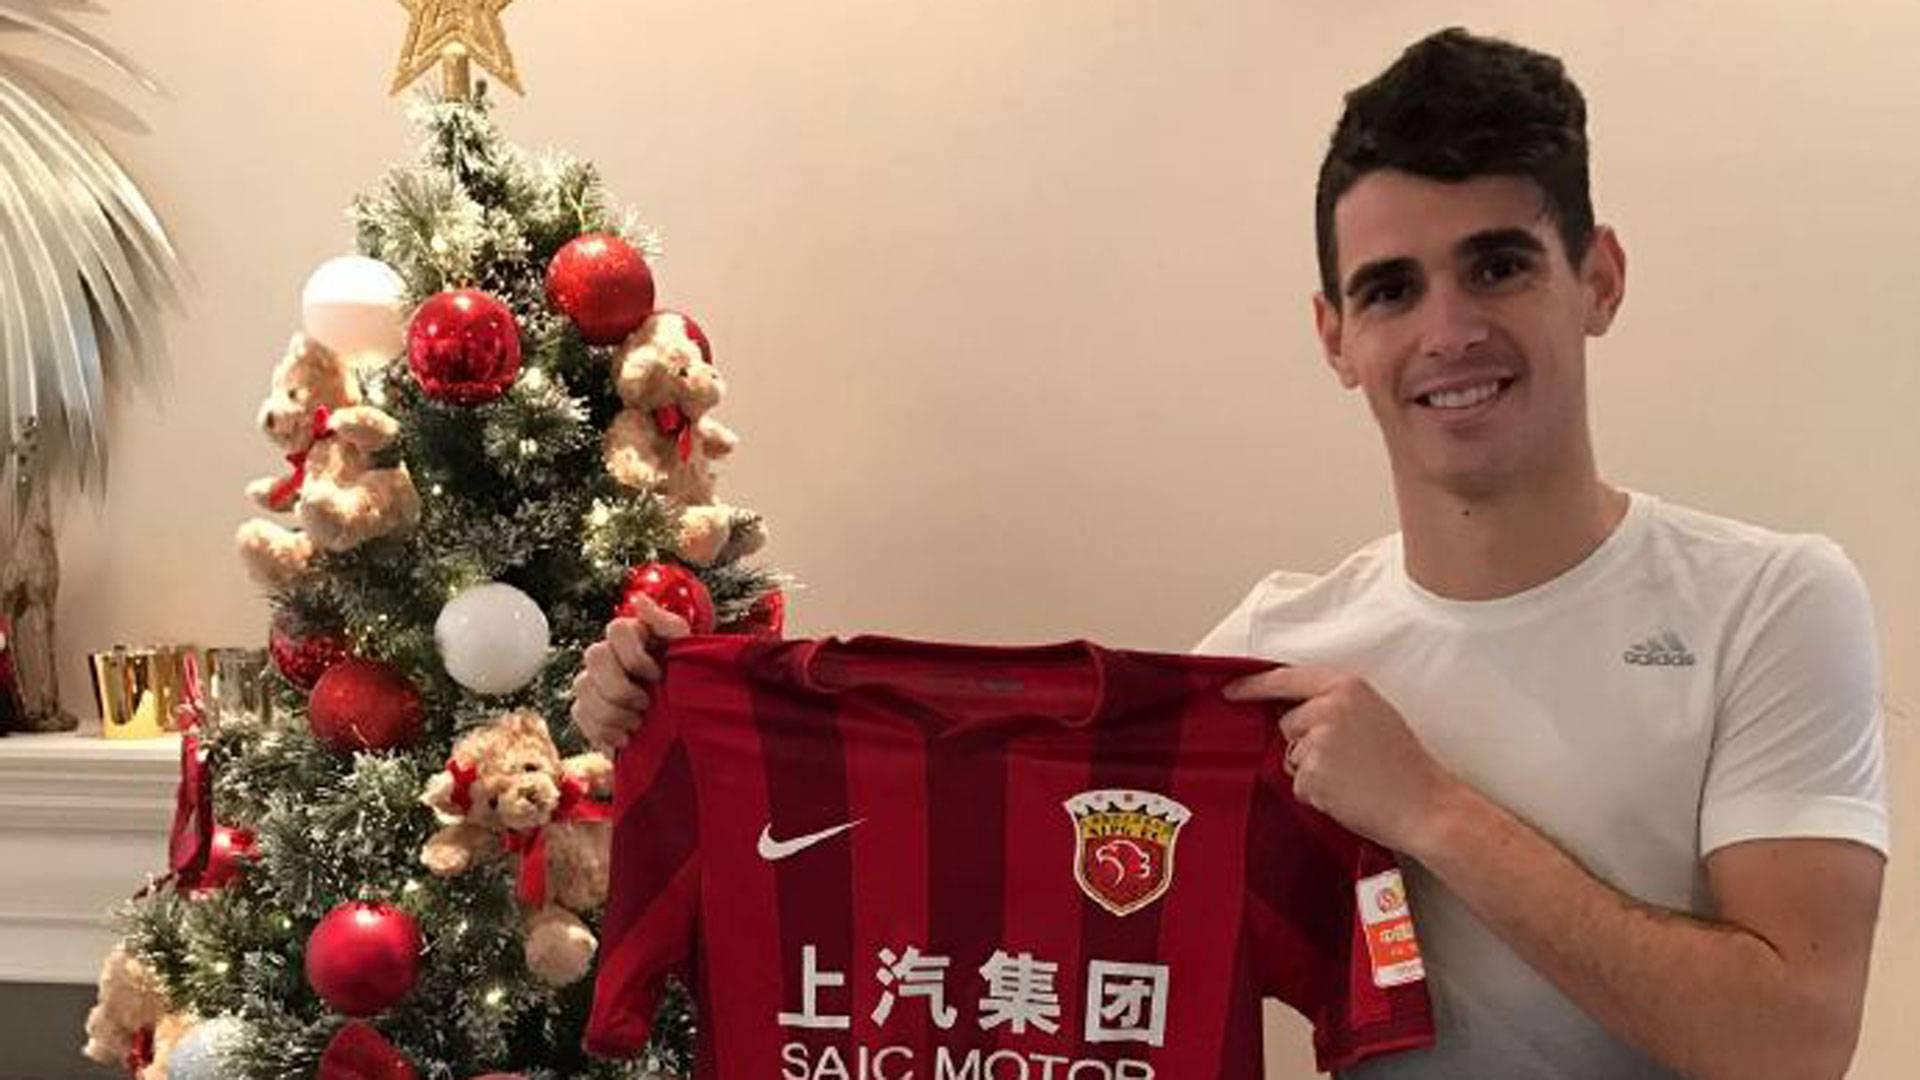 Kina, obećana zemlja: Najveći transfer Chelseaja u povijesti!